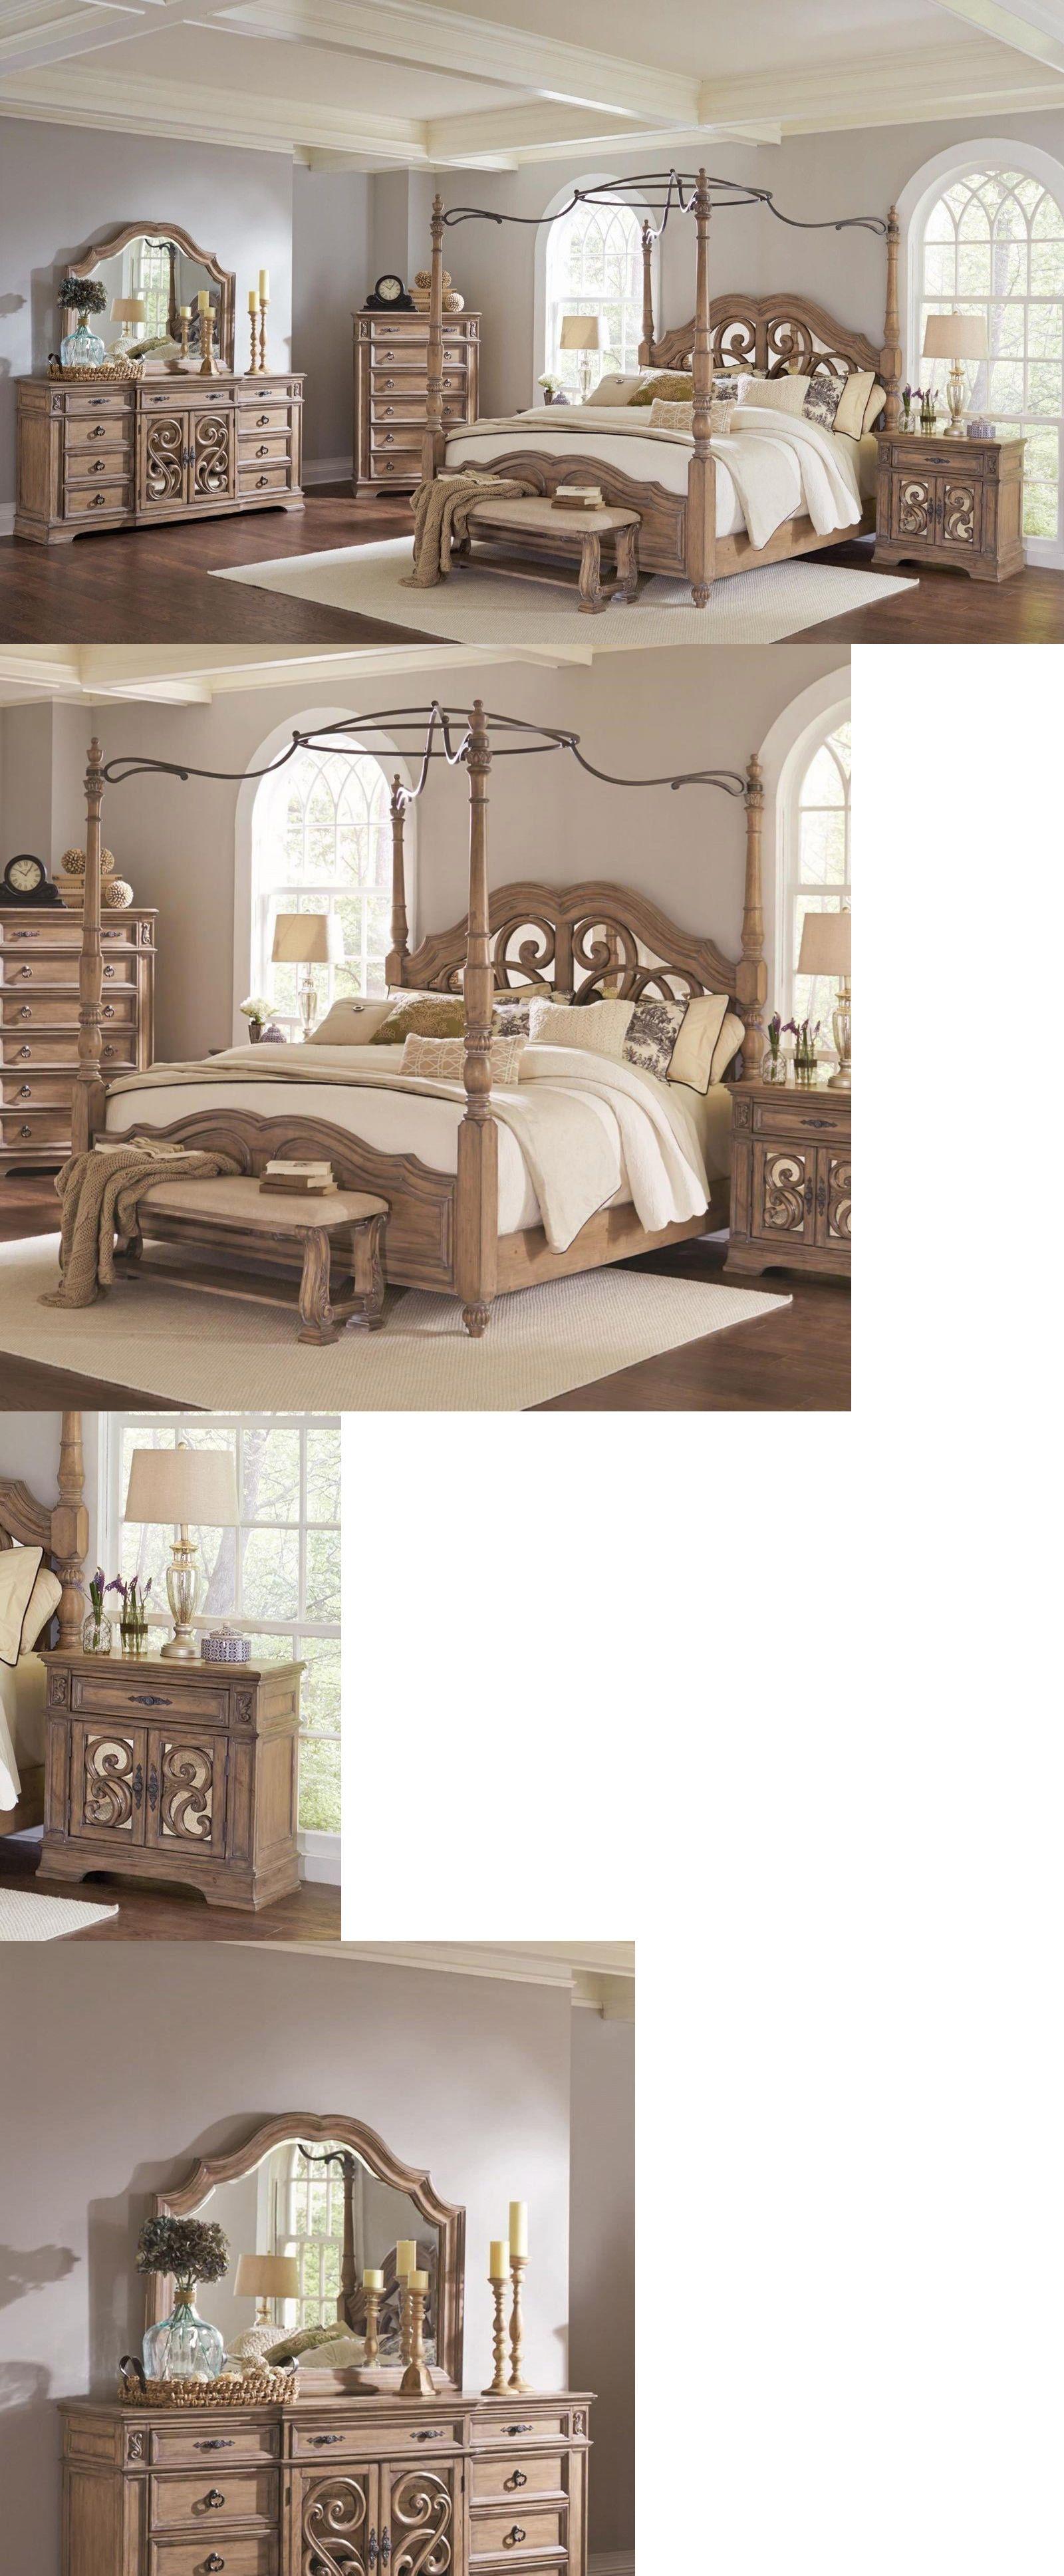 840+ Antique Bedroom Sets For Sale On Ebay New HD